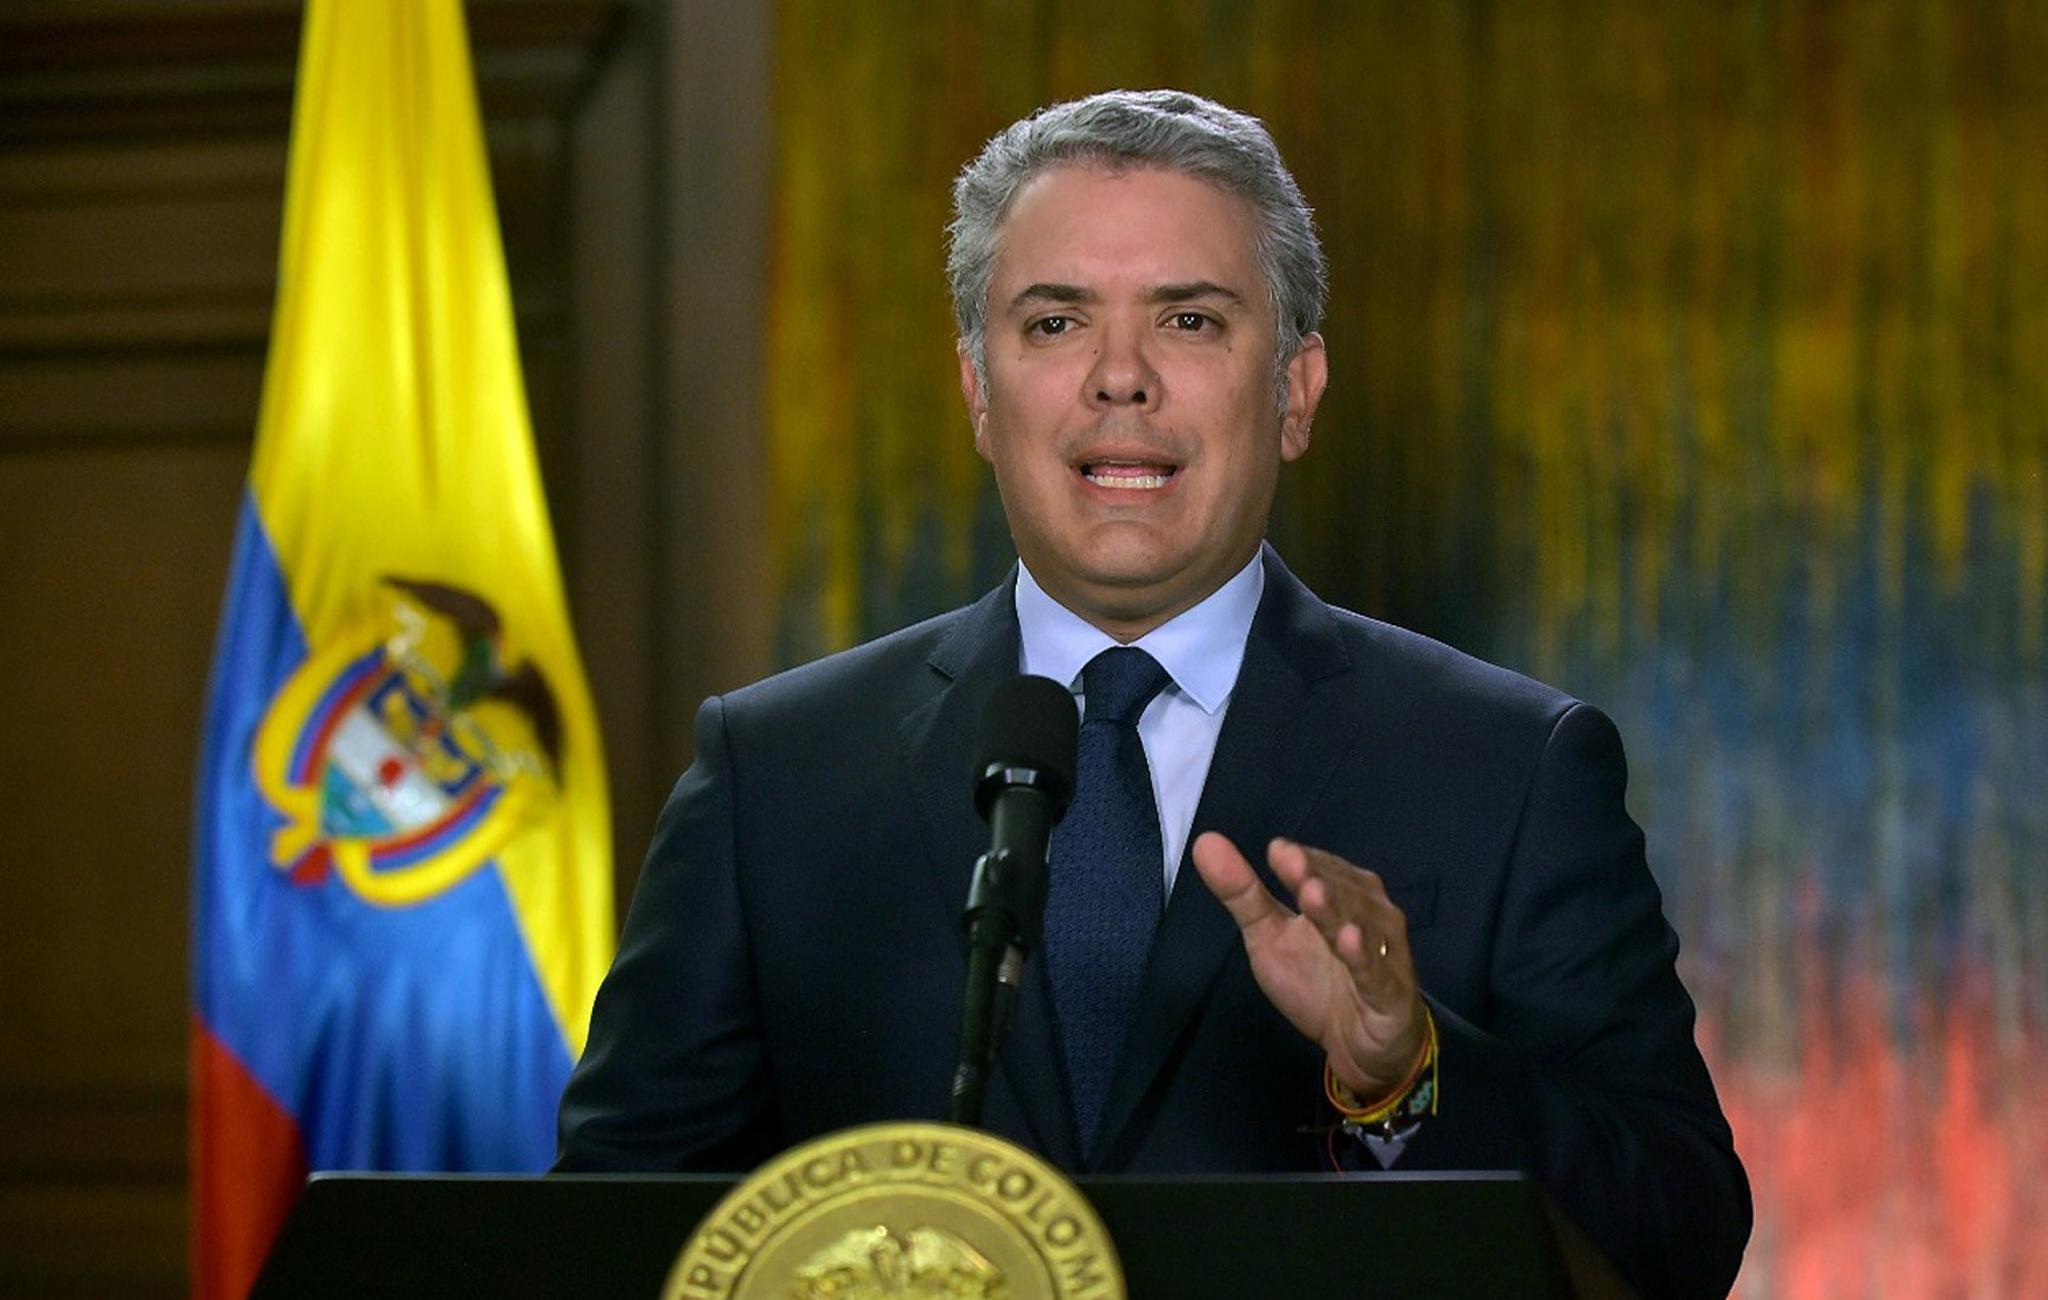 Presidente da Colômbia põe fim ao diálogo de paz com rebeldes do ELN